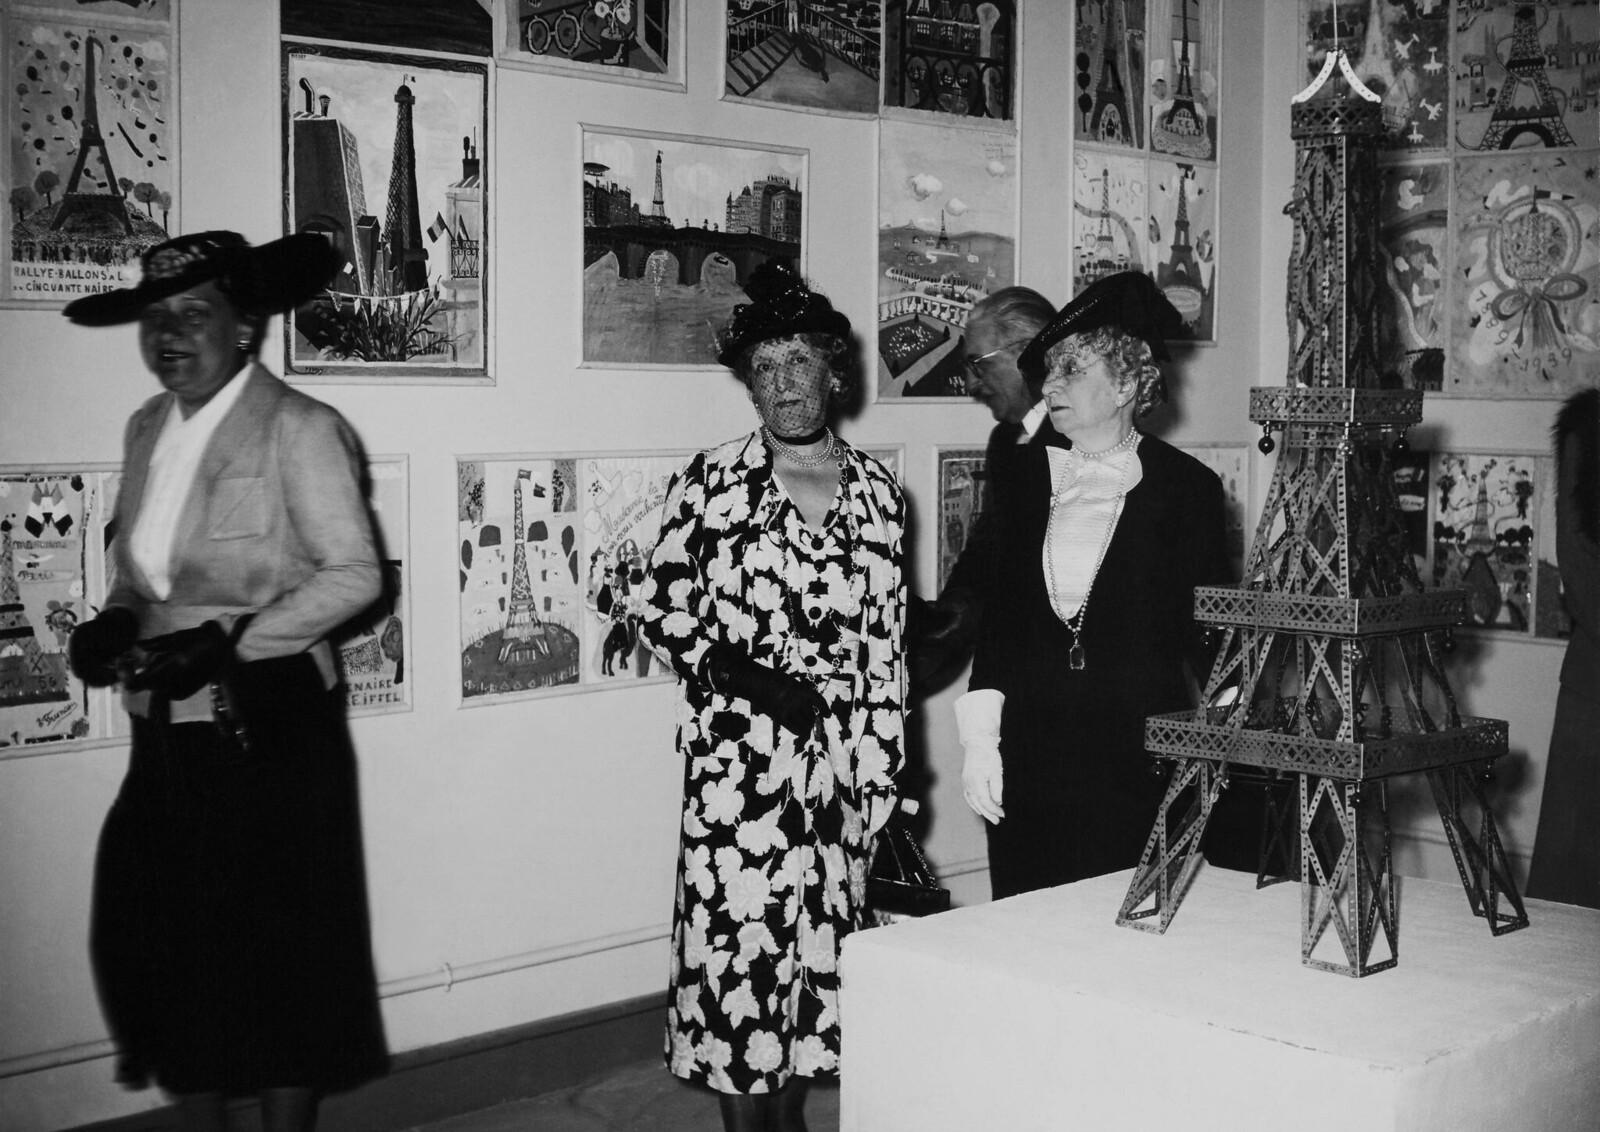 19. 1939. Выставка к пятидесятилетию Эйфелевой башни в Париже 10 июня